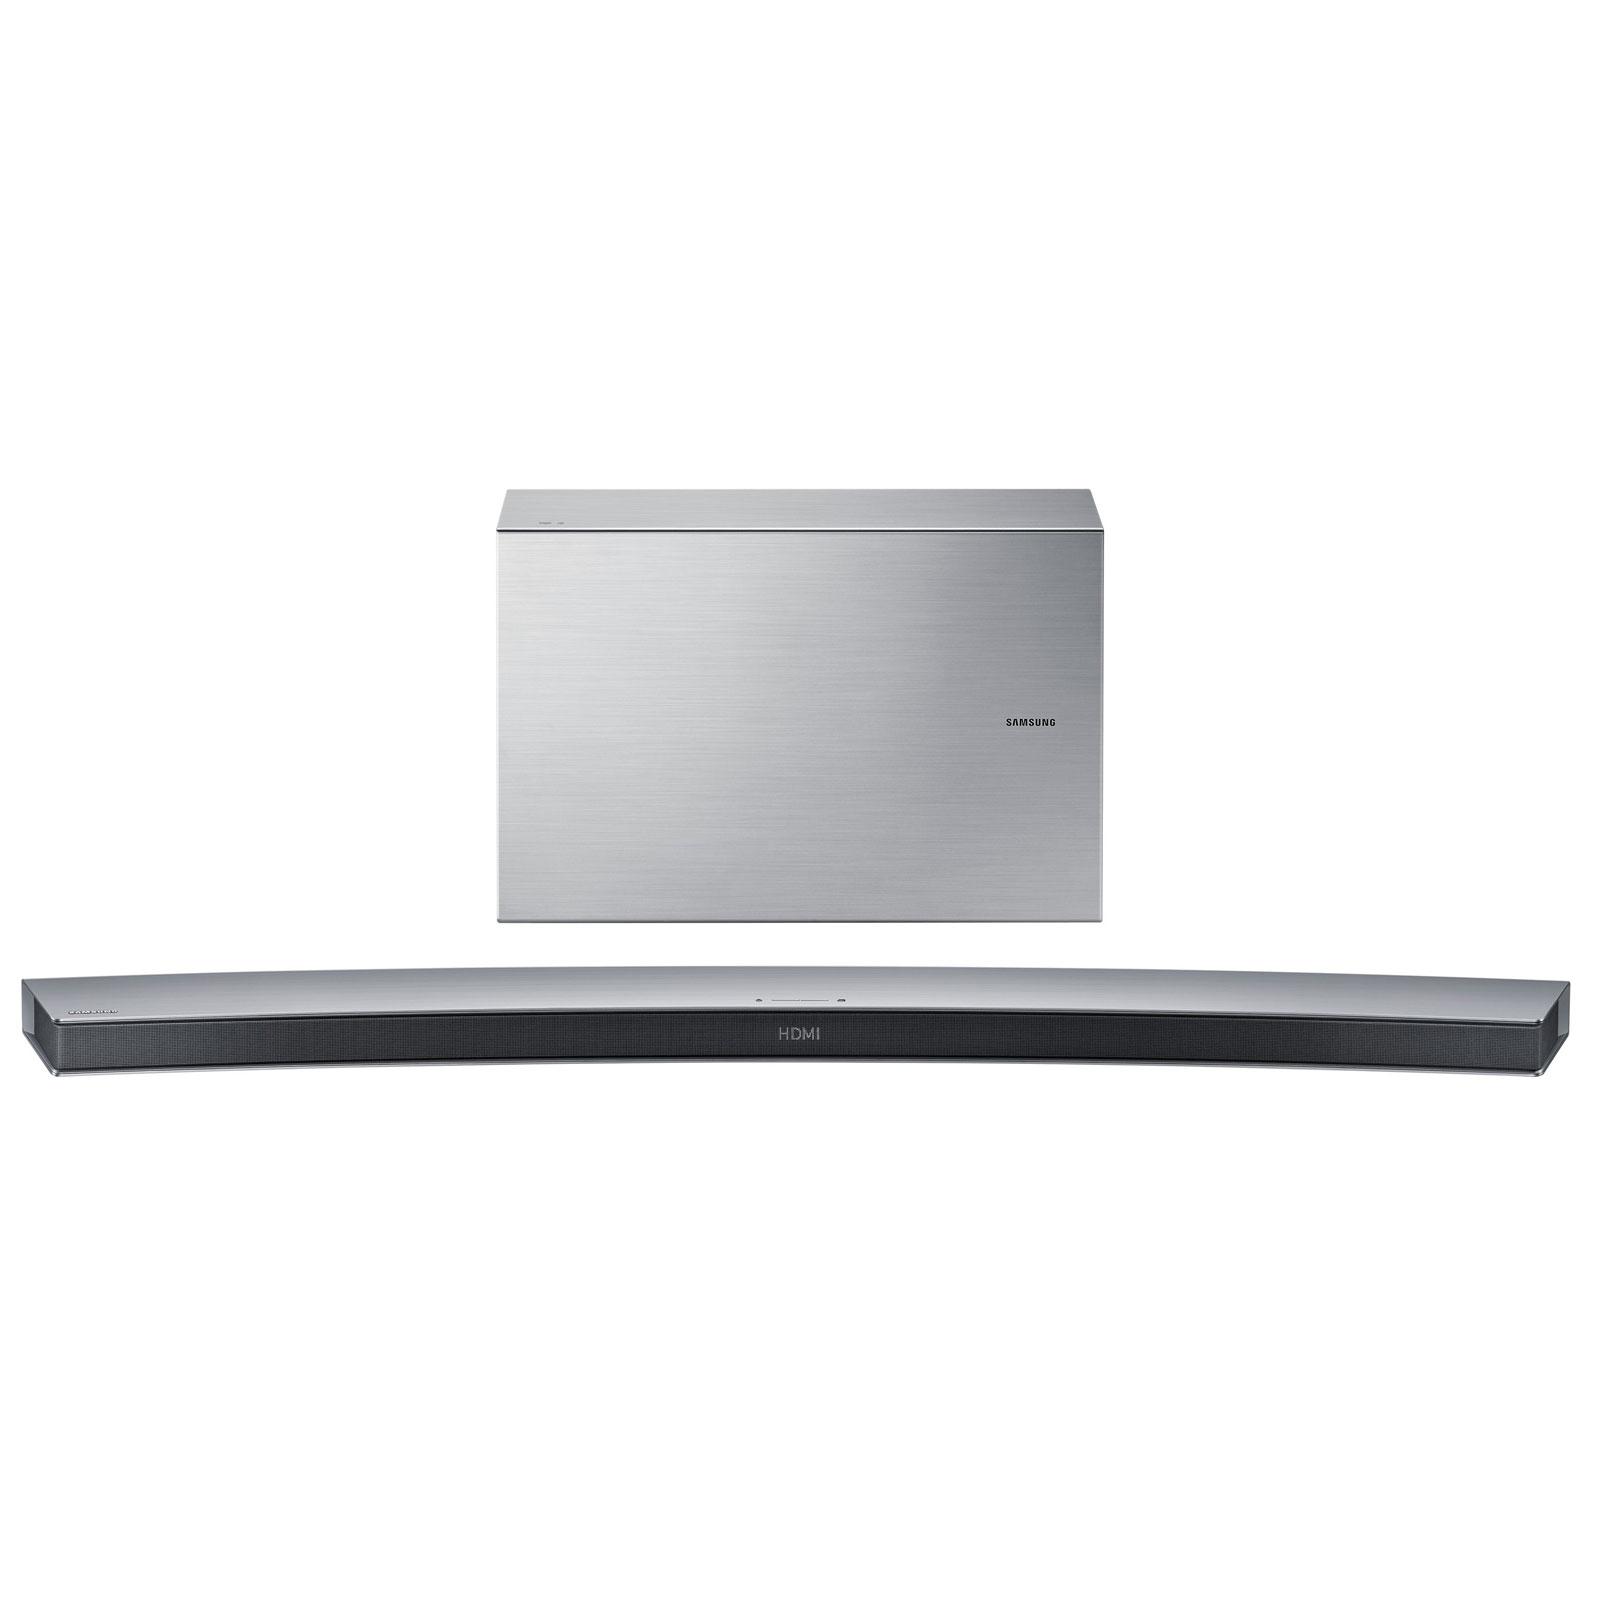 Barre de son Samsung HW-J7501 Barre de Son incurvée 8.1 avec caisson de basses sans fil